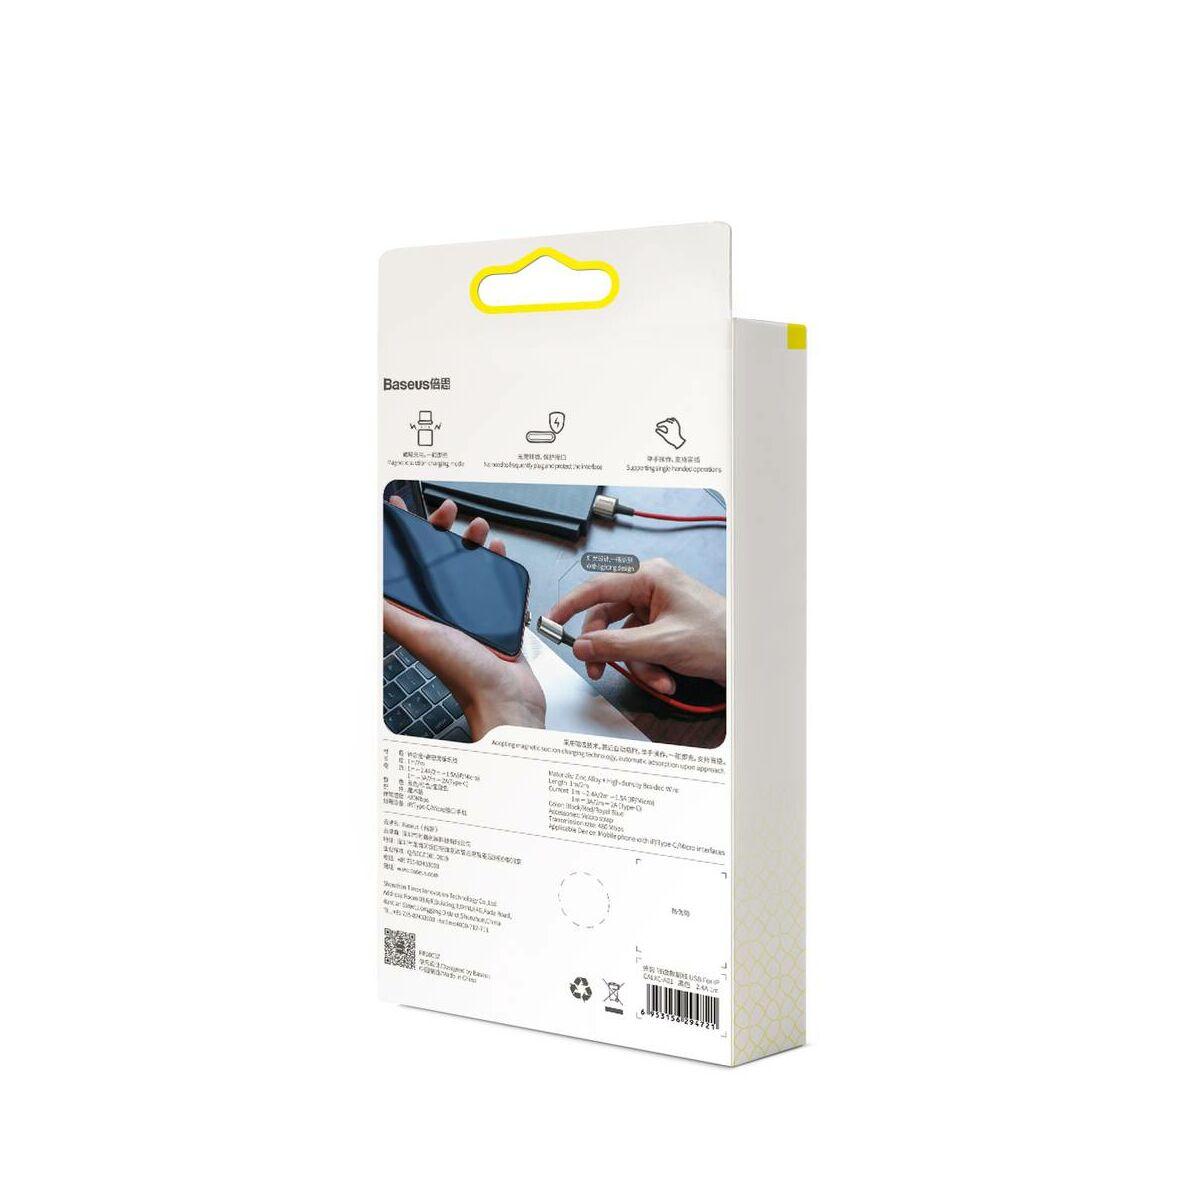 Baseus Mágneses kábel, Micro USB, Mágnessel csatlakozó töltő kábel, 1.5A 2m, fekete (CAMXC-B01)